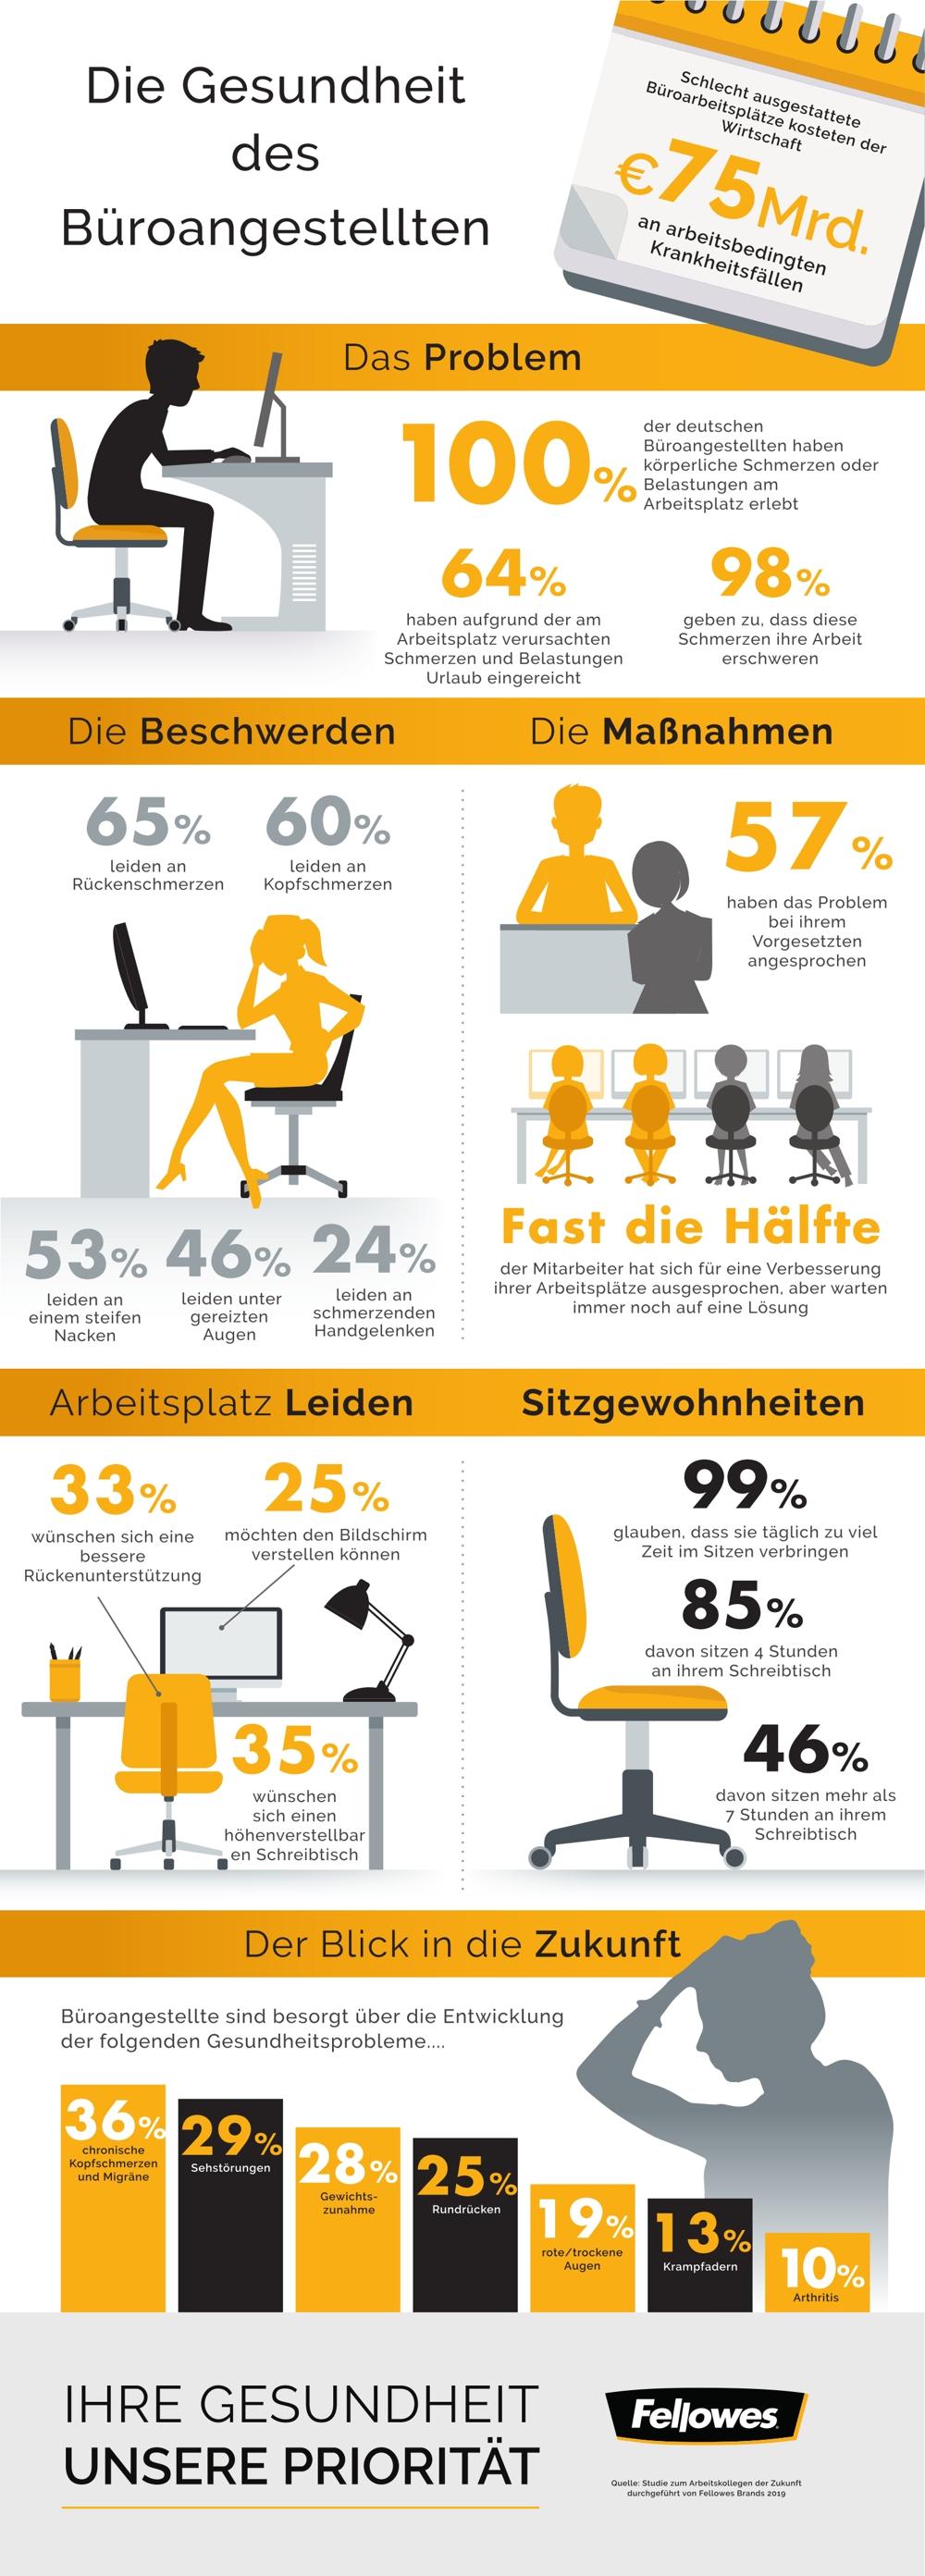 Die Gesundheit der Büroangestellten. Abbildung: Fellowes